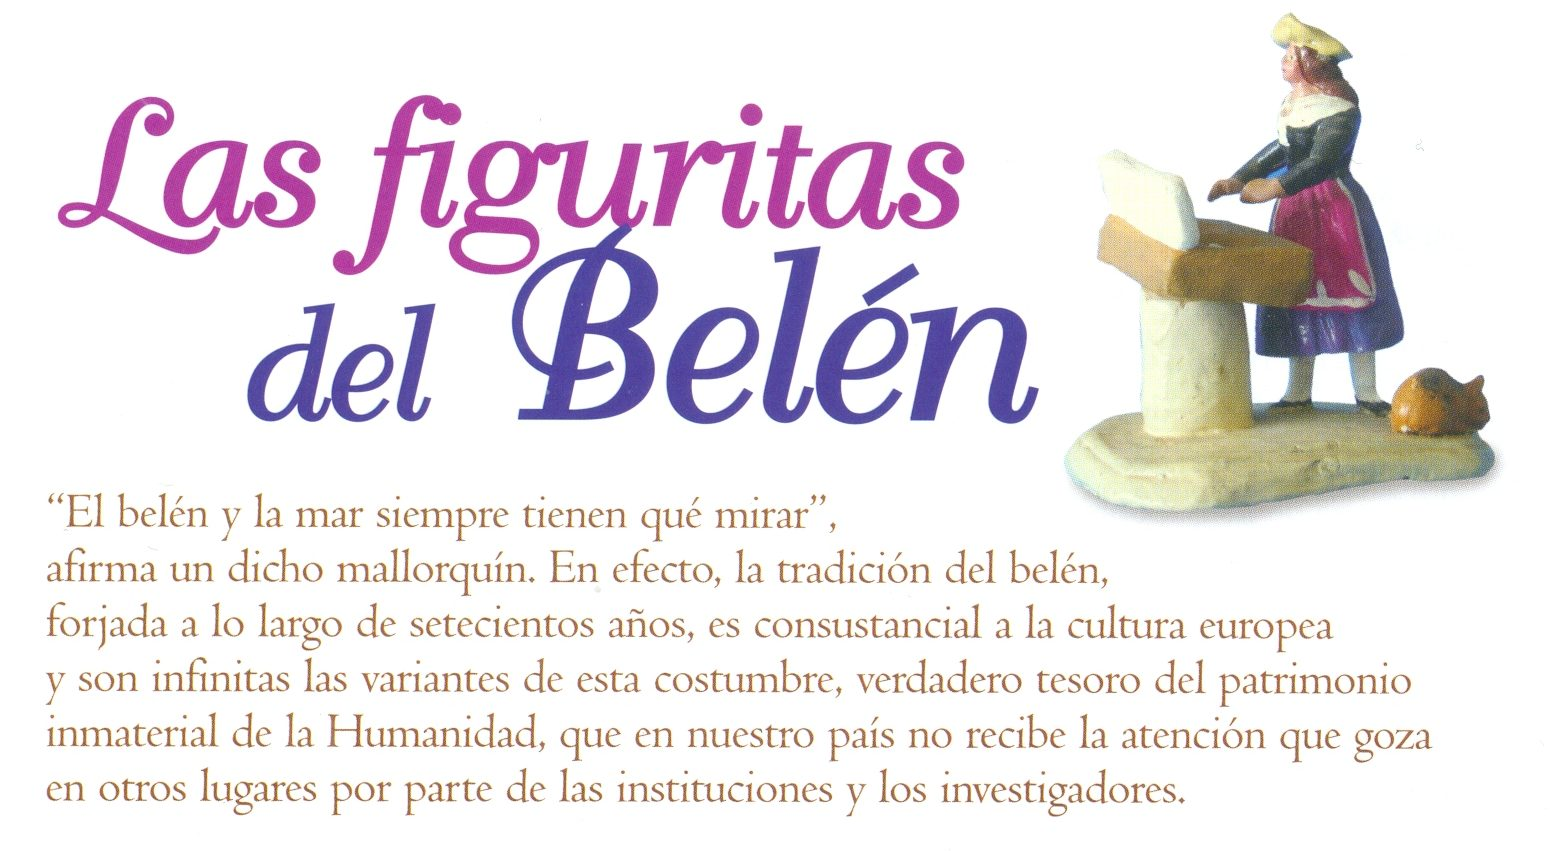 Artículo - Las figuritas del belén, por Letizia Arbeteta Mira